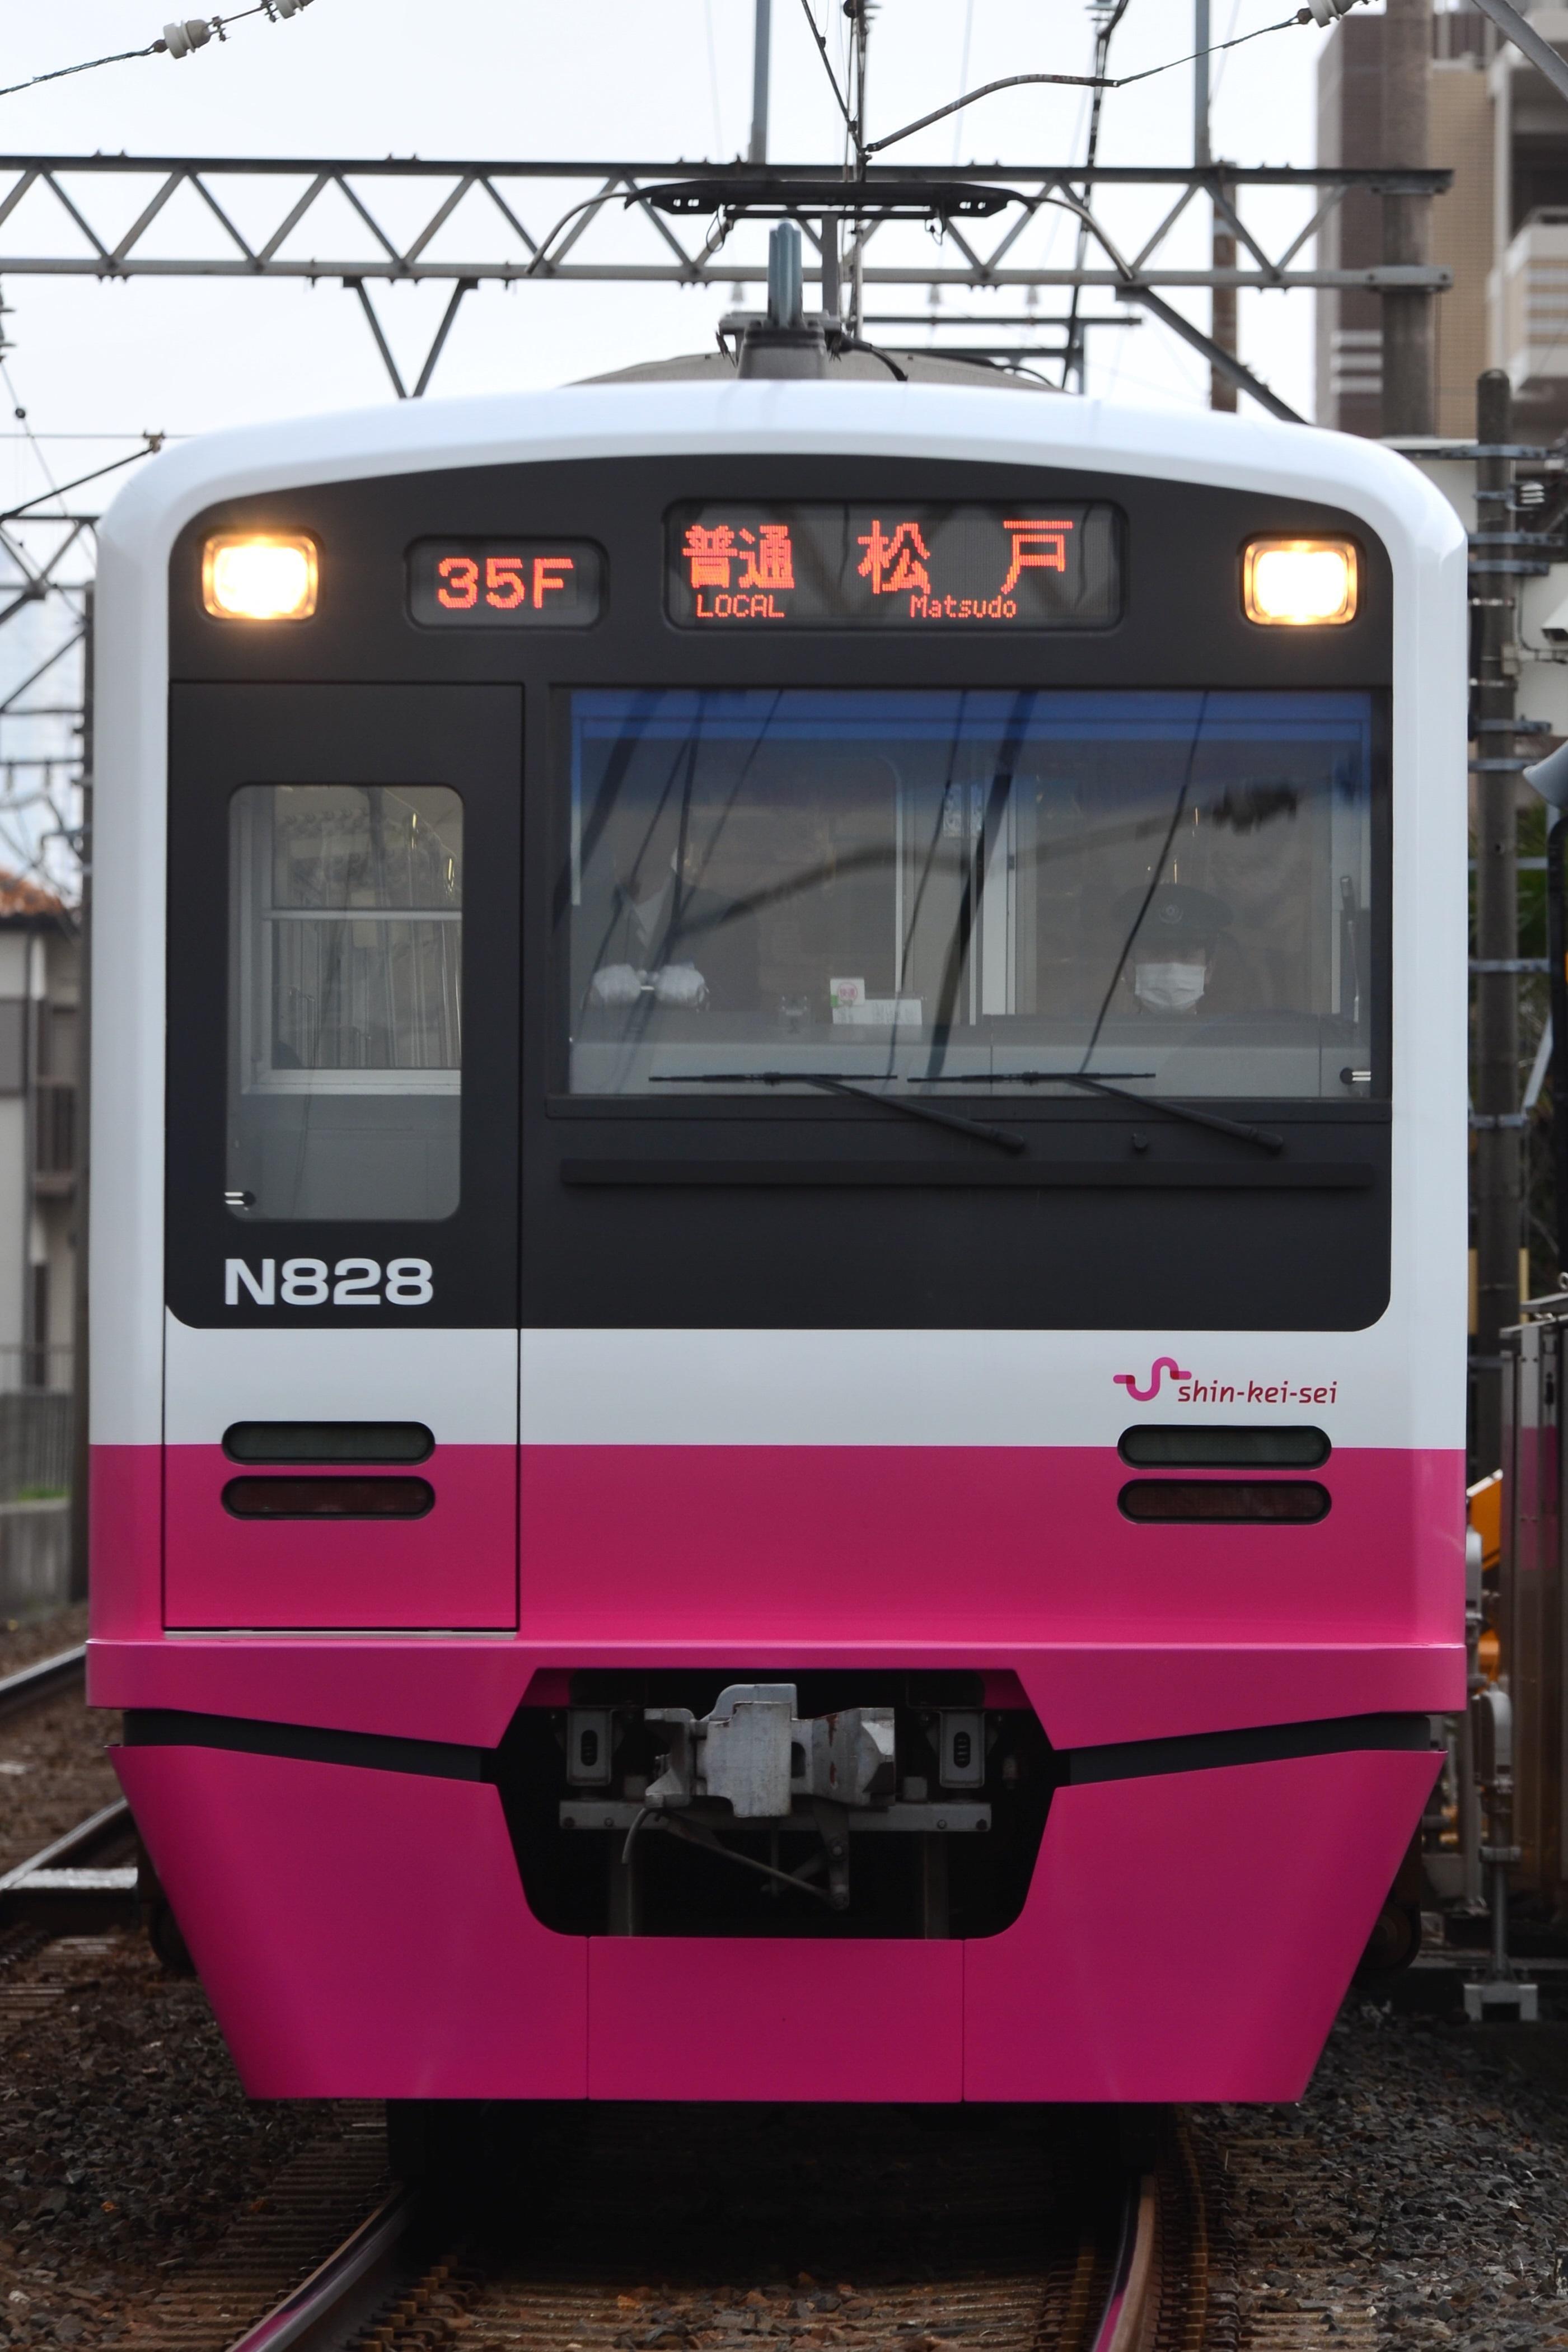 N800-N821+8_convert_20150224173152.jpg